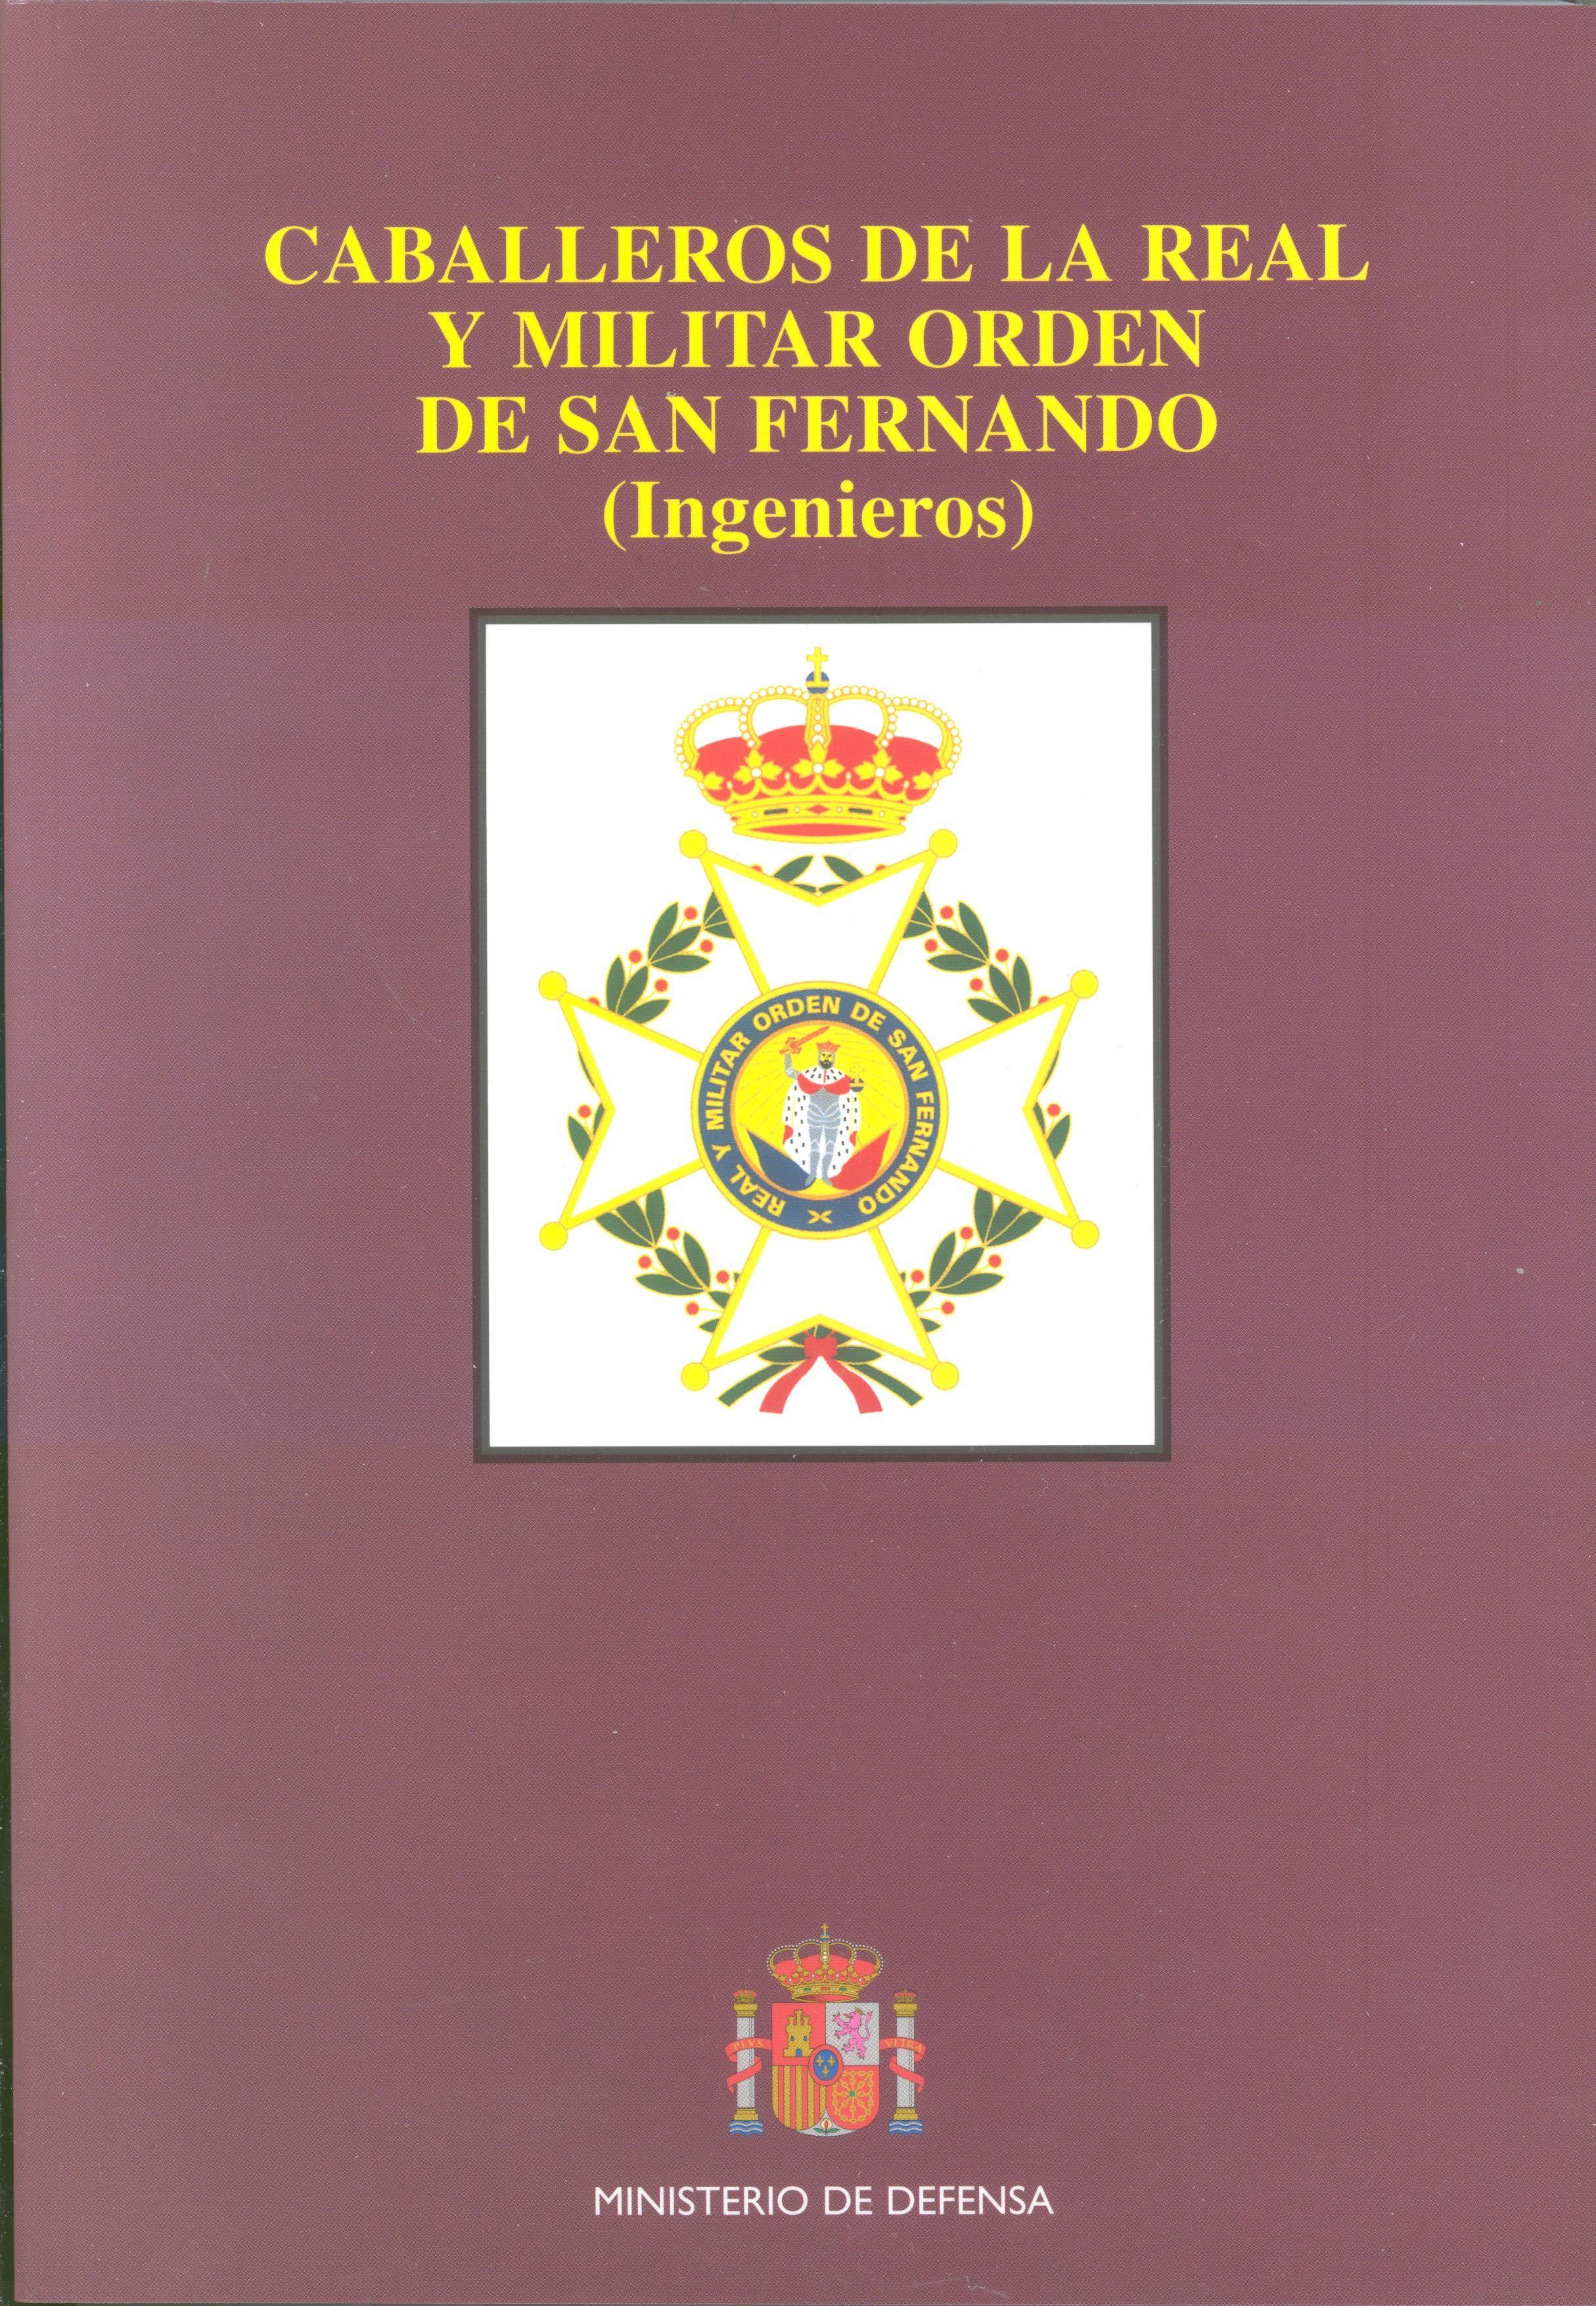 CABALLEROS DE LA REAL Y MILITAR ORDEN DE SAN FERNANDO: (INGENIEROS)